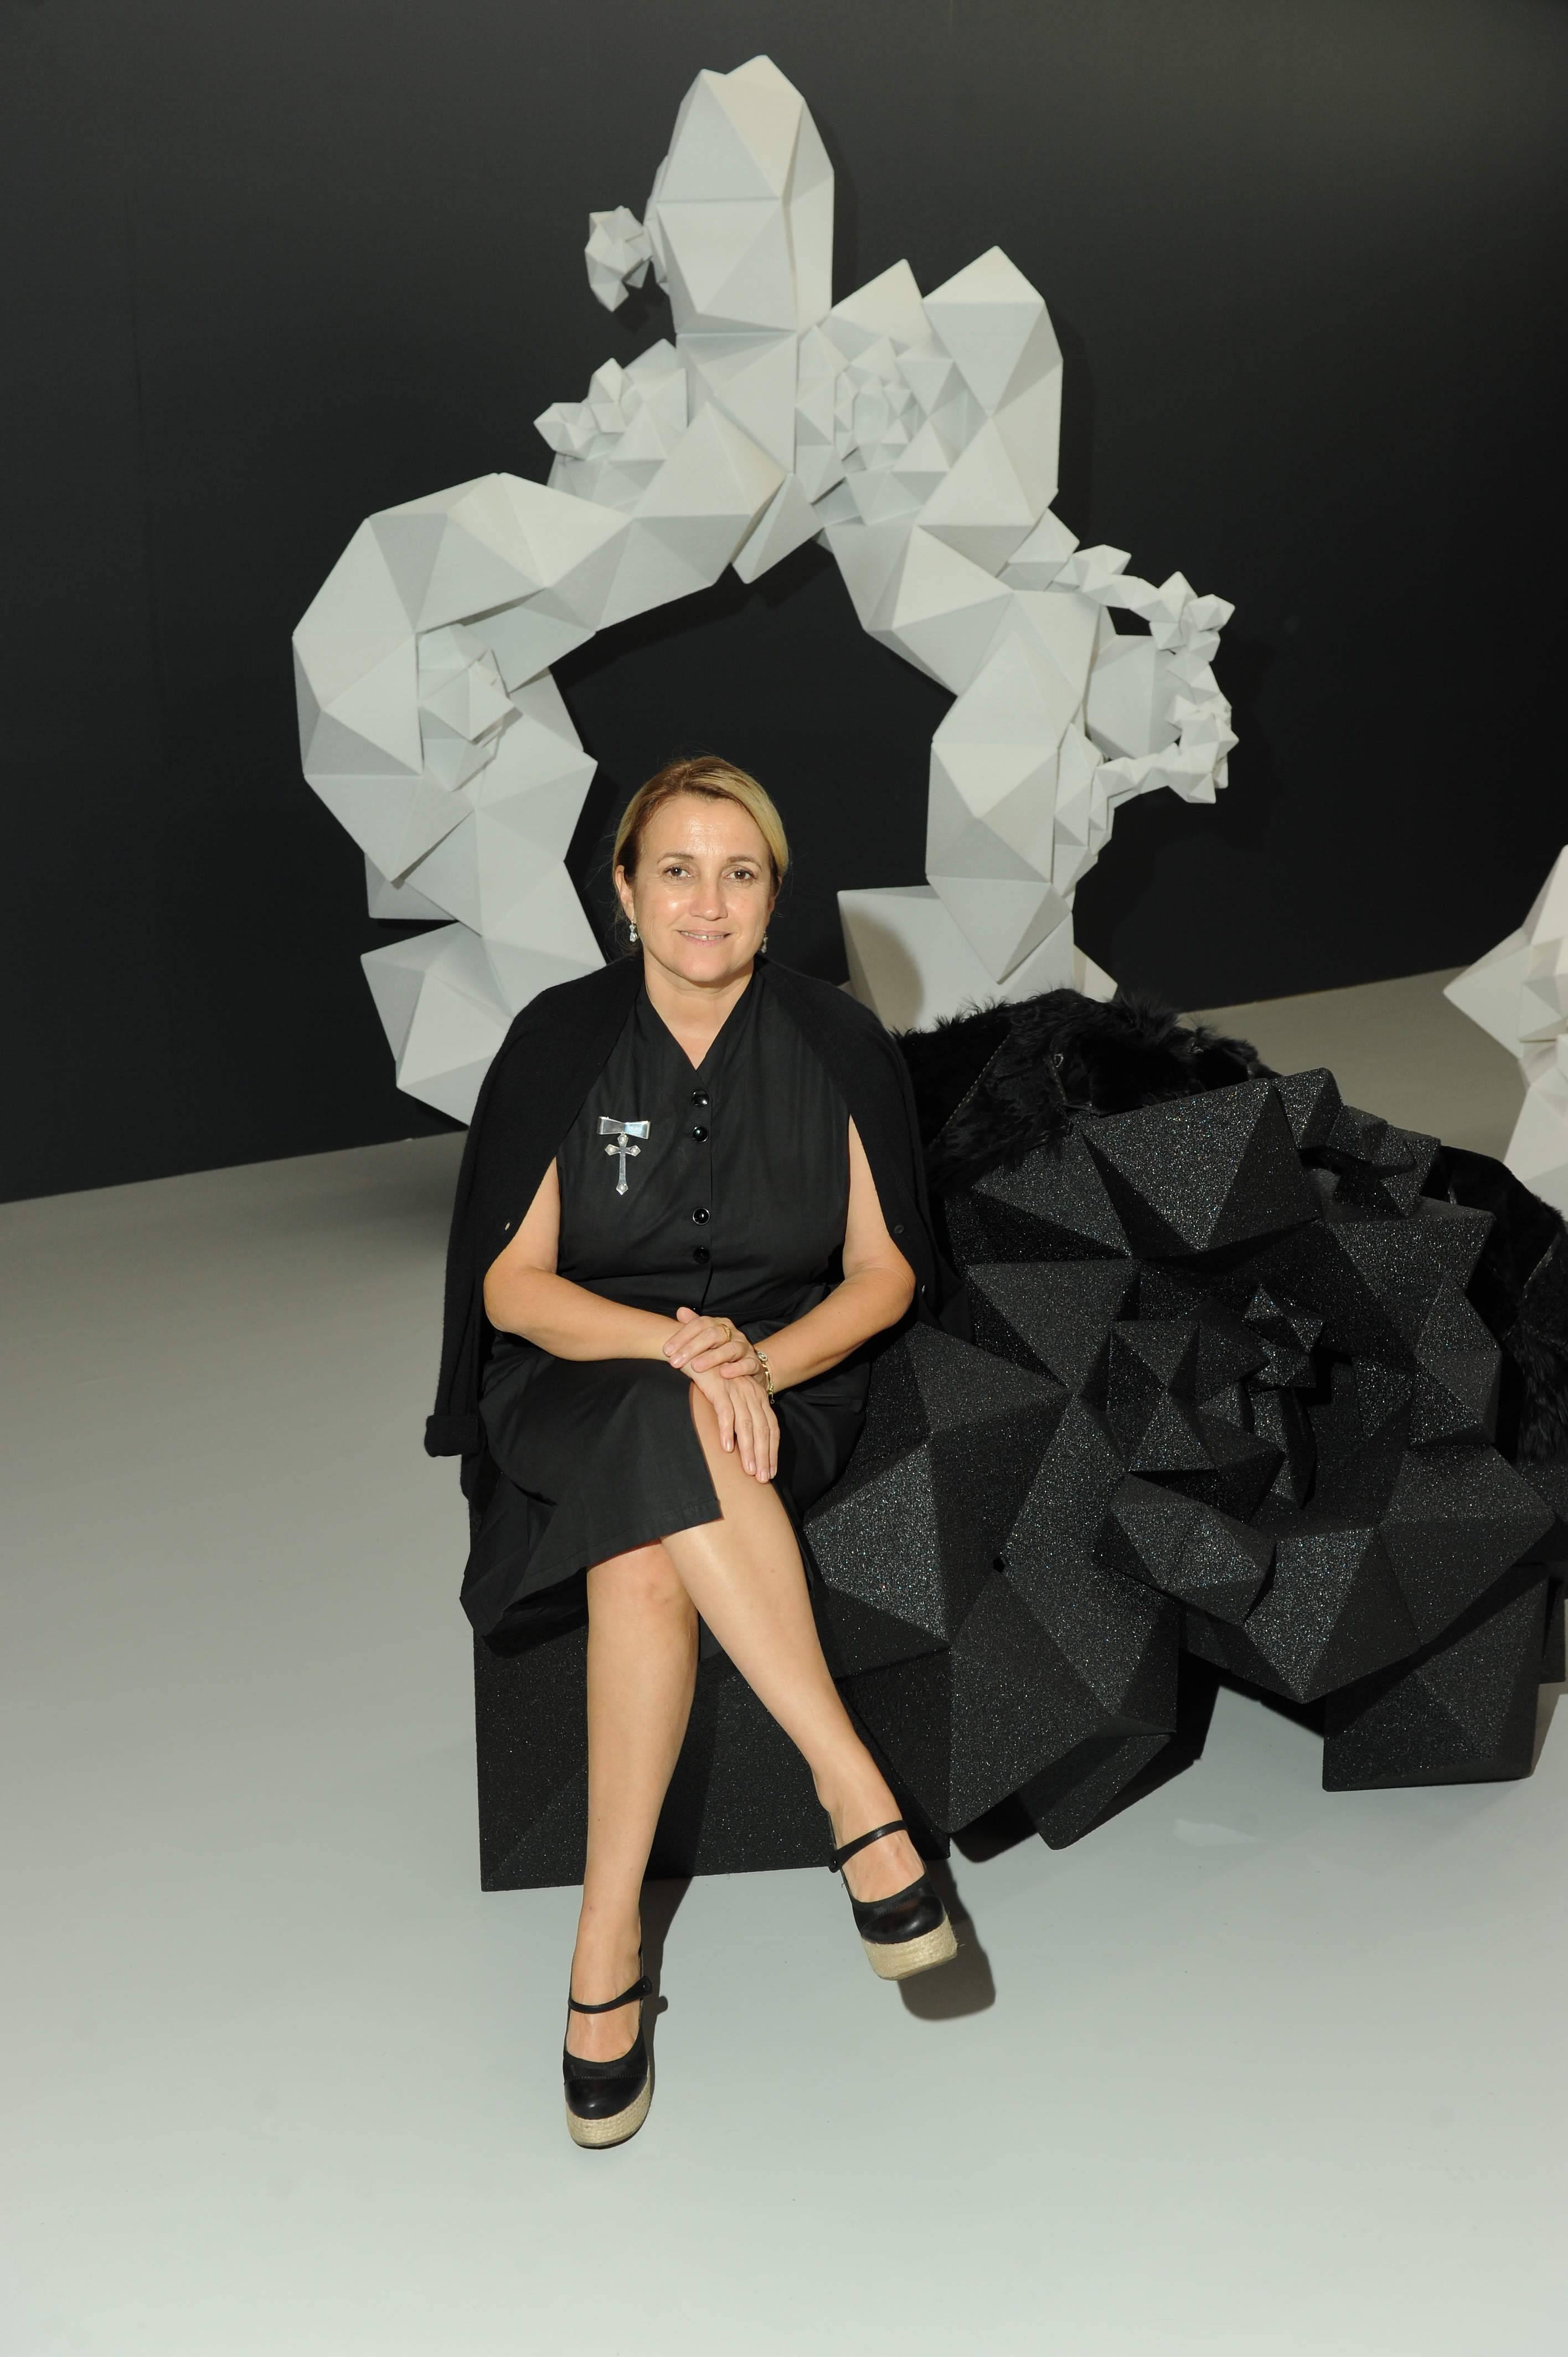 Silvia Venturini Fendi in the FENDI Aranda Lasch space at Design Miami _December 2010_1